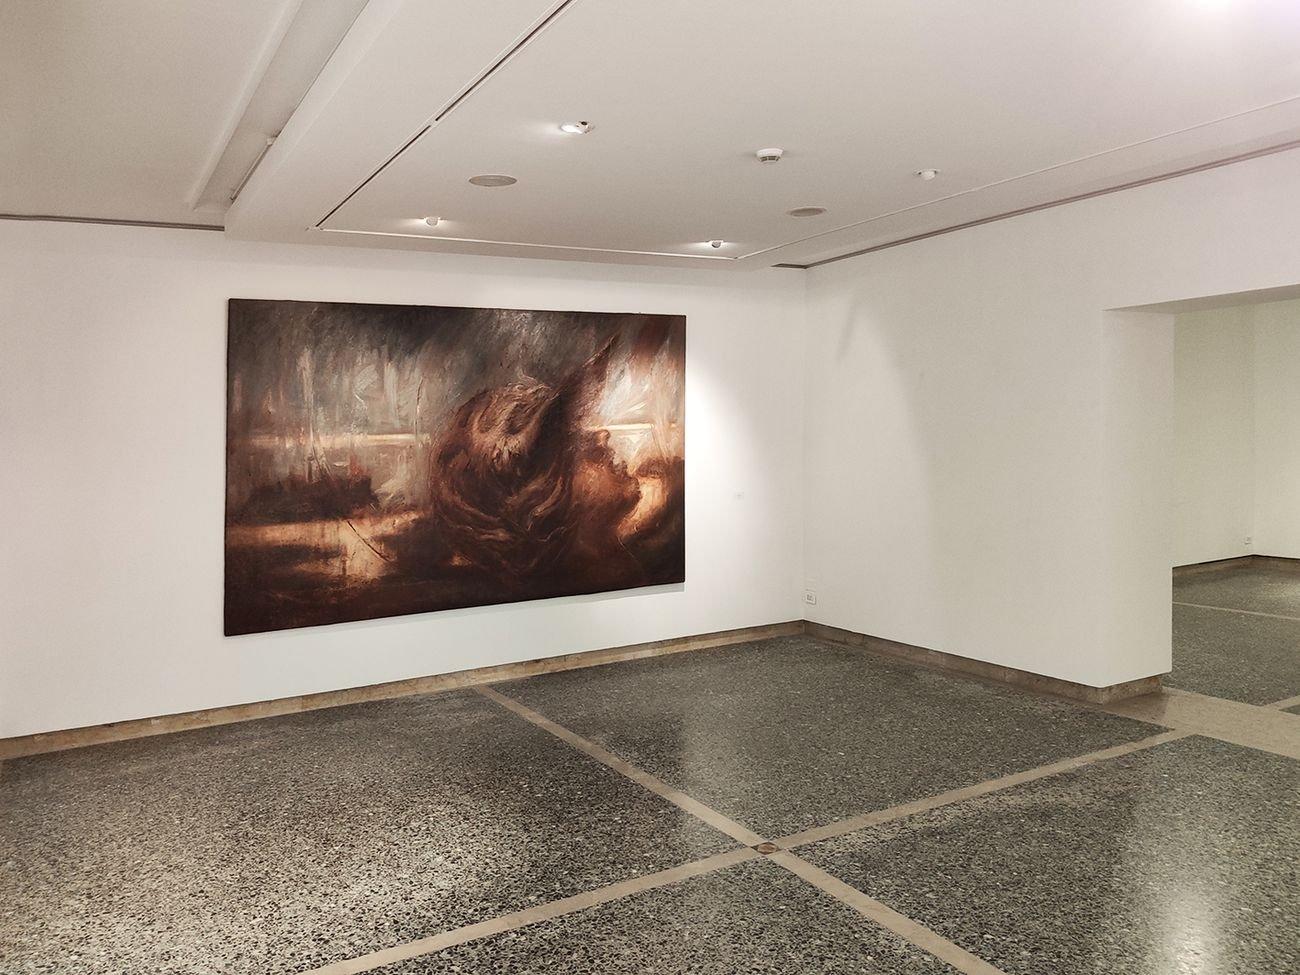 Omar Galliani. Dipinta. Exhibition view at Fondazione Bevilacqua La Masa, Venezia 2019